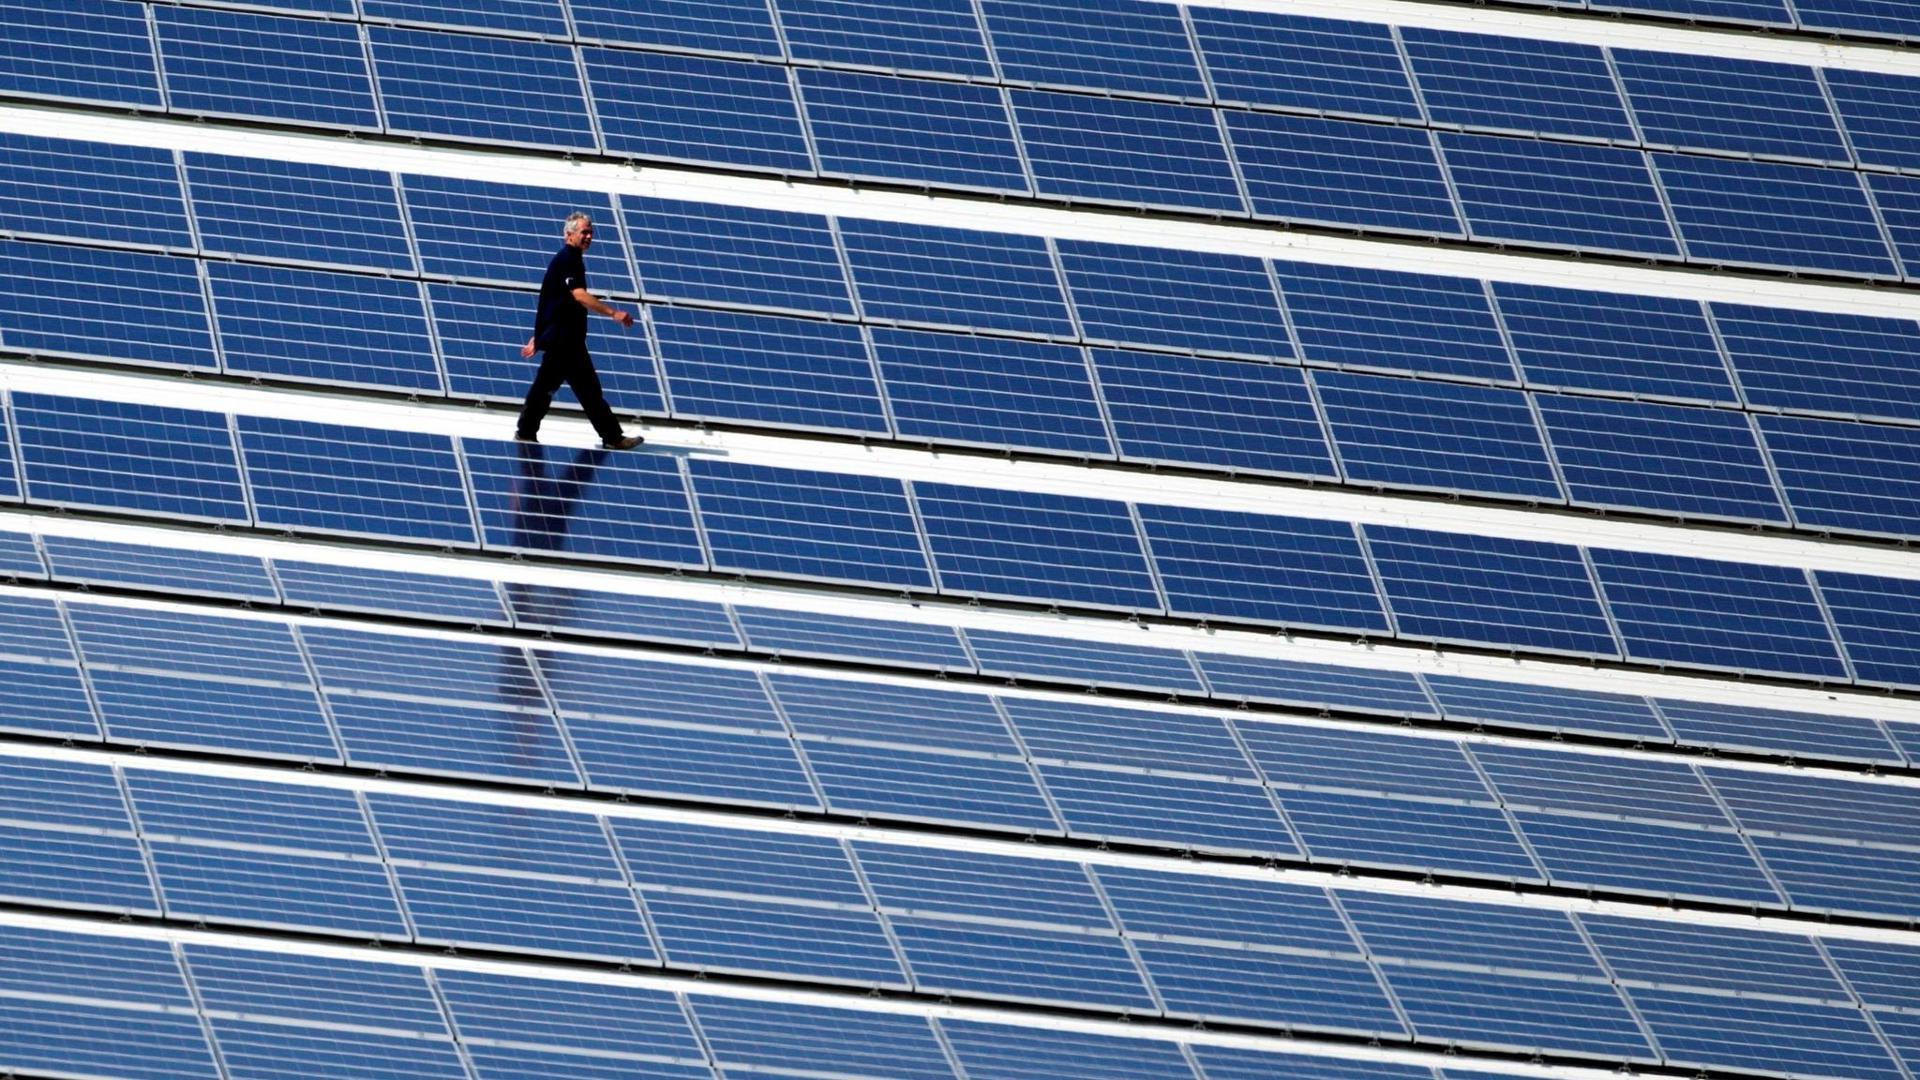 Neben Verwaltungsgebäuden könnten auch Kitas, Sportstätten oder der kommunale Wohnungsbestand mit Solardächern ausgestattet werden, schlägt der Deutsche Städte- und Gemeindebund vor.